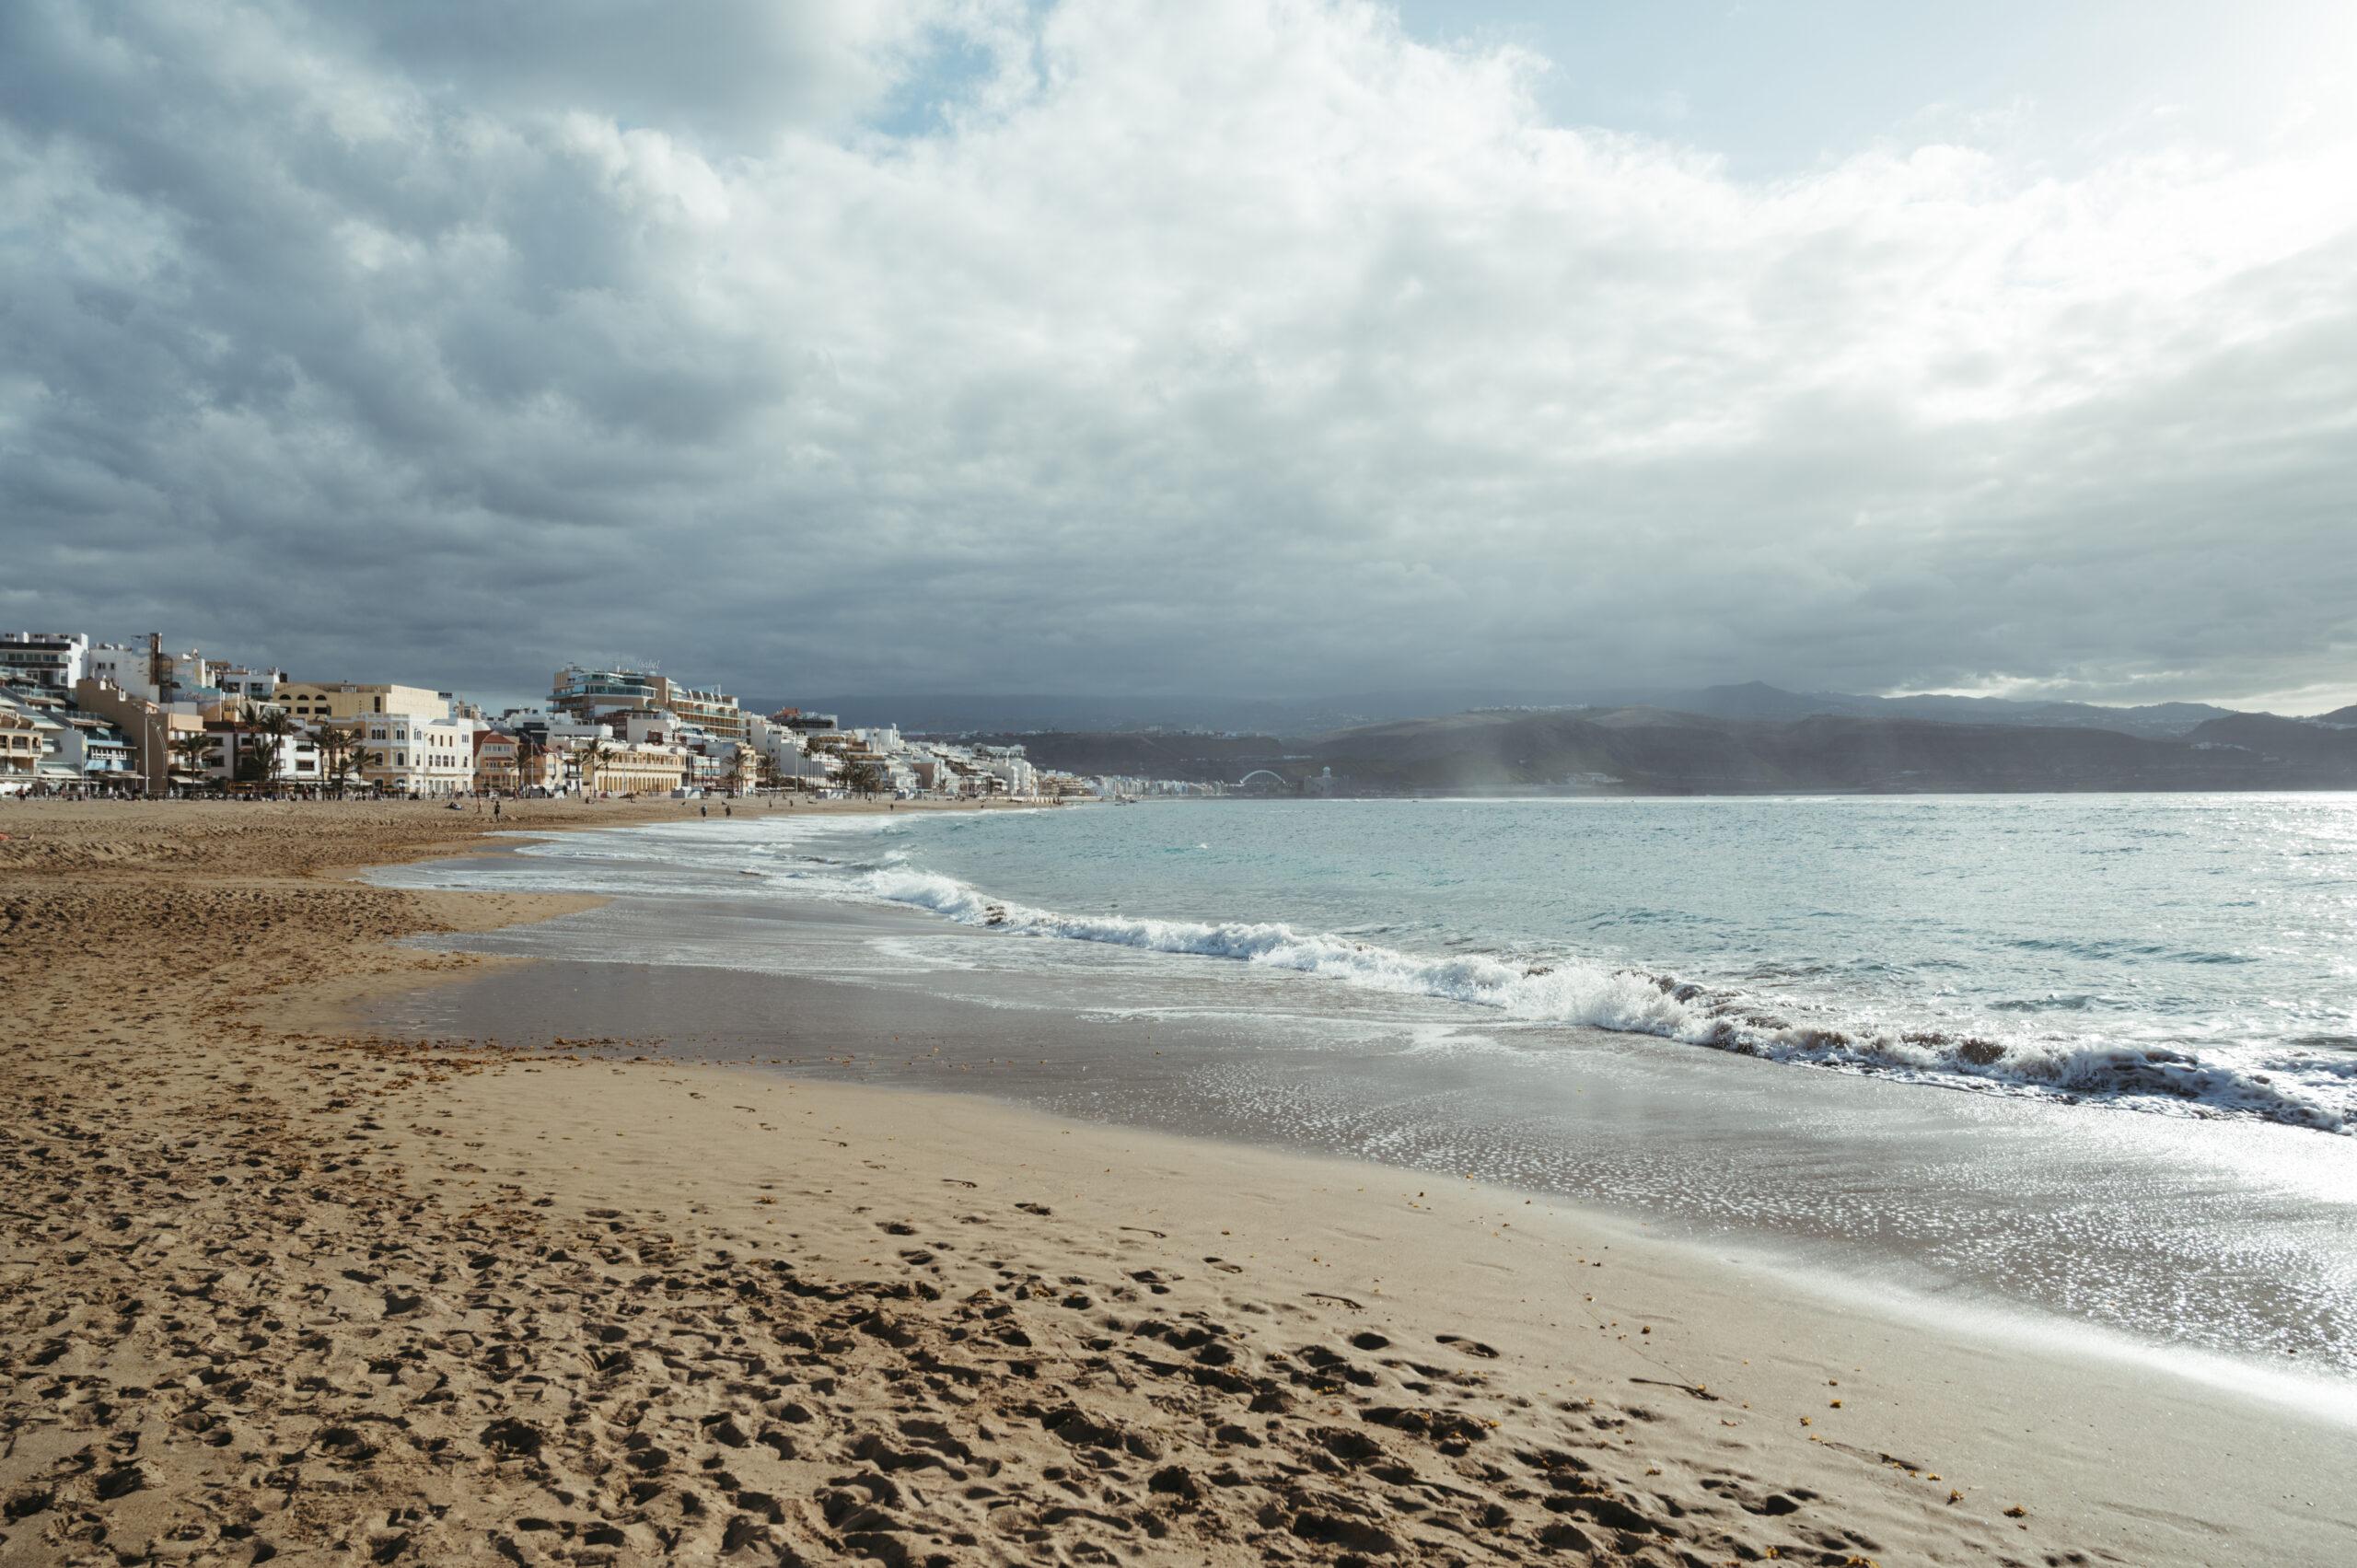 Bienvenidos a Gran Canaria